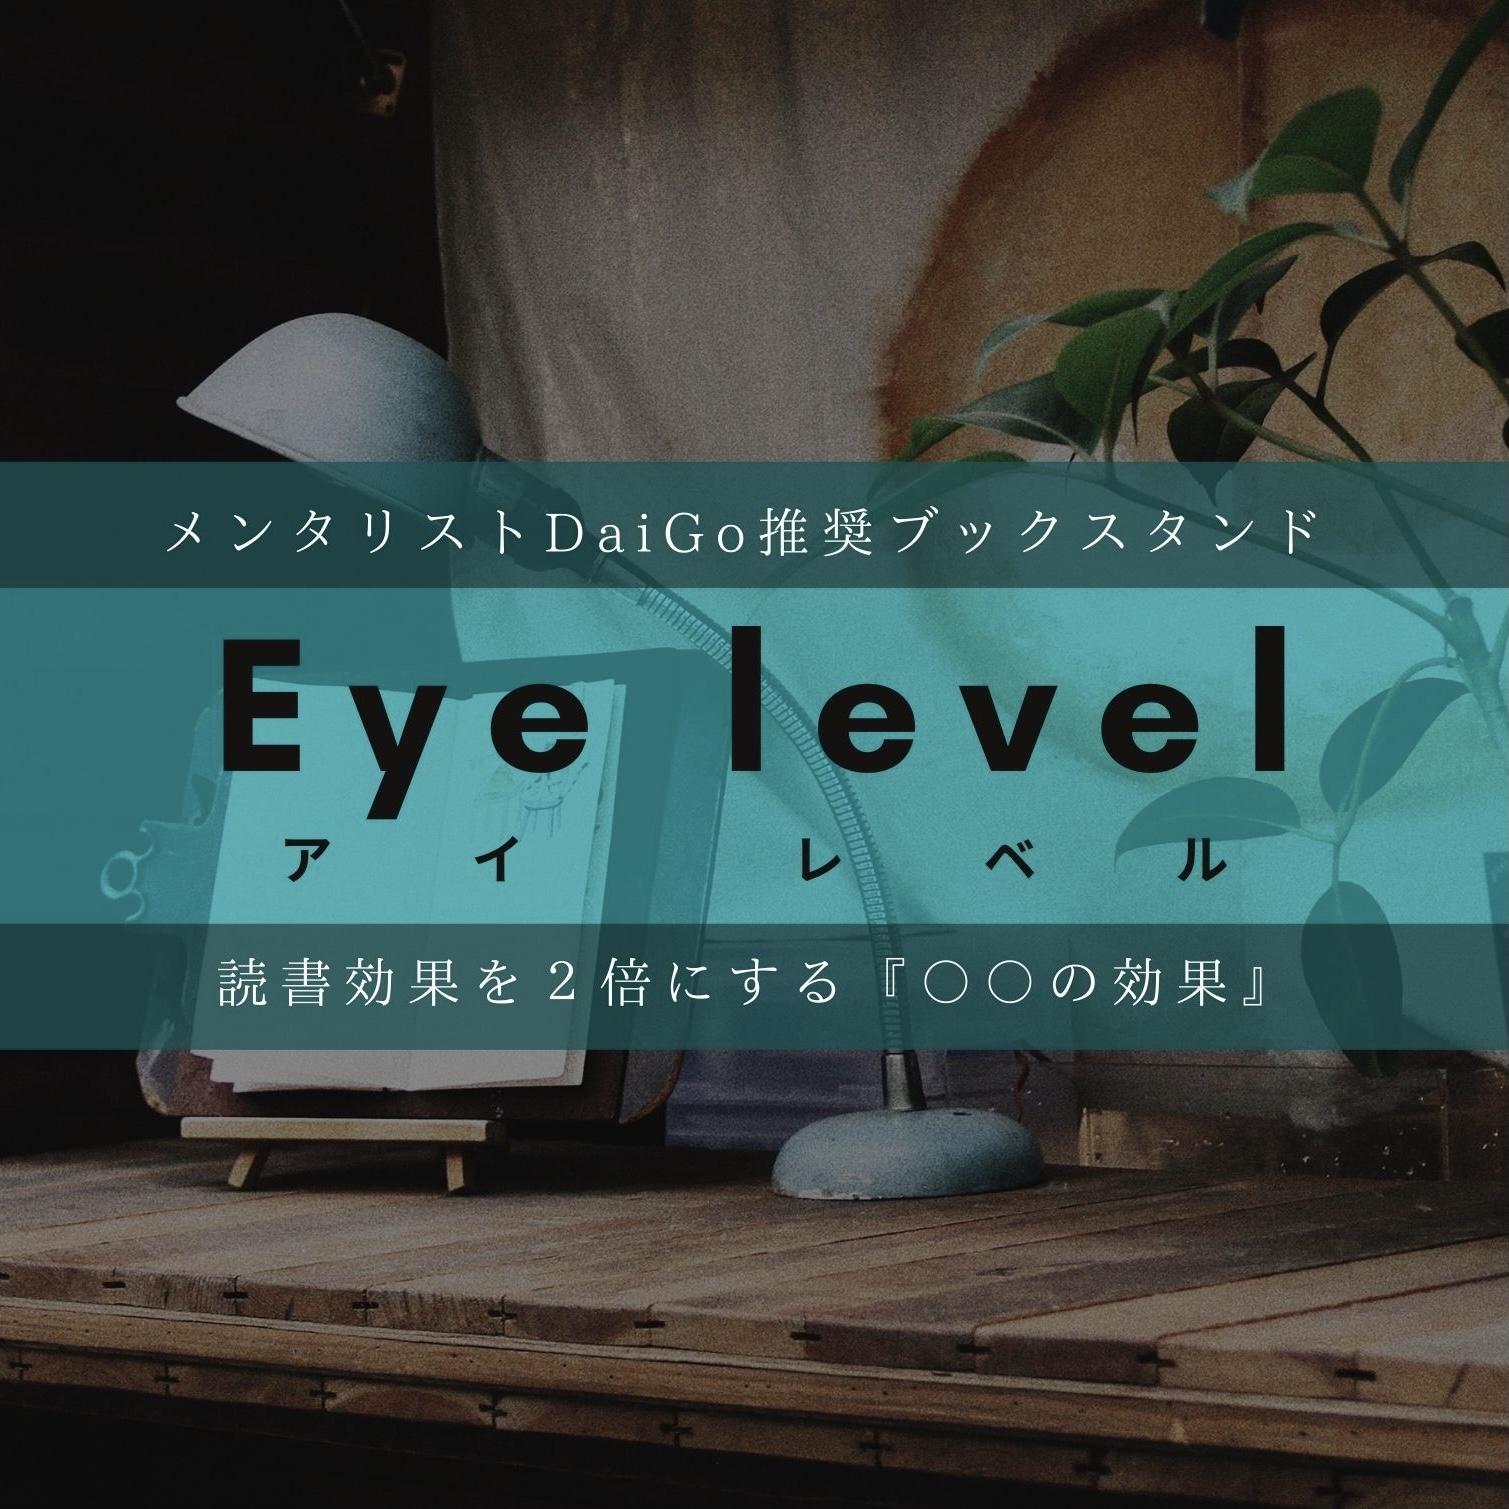 メンタリストDaiGo愛用ブックスタンド「Eye level」読書効果を2倍にする『〇〇の効果』